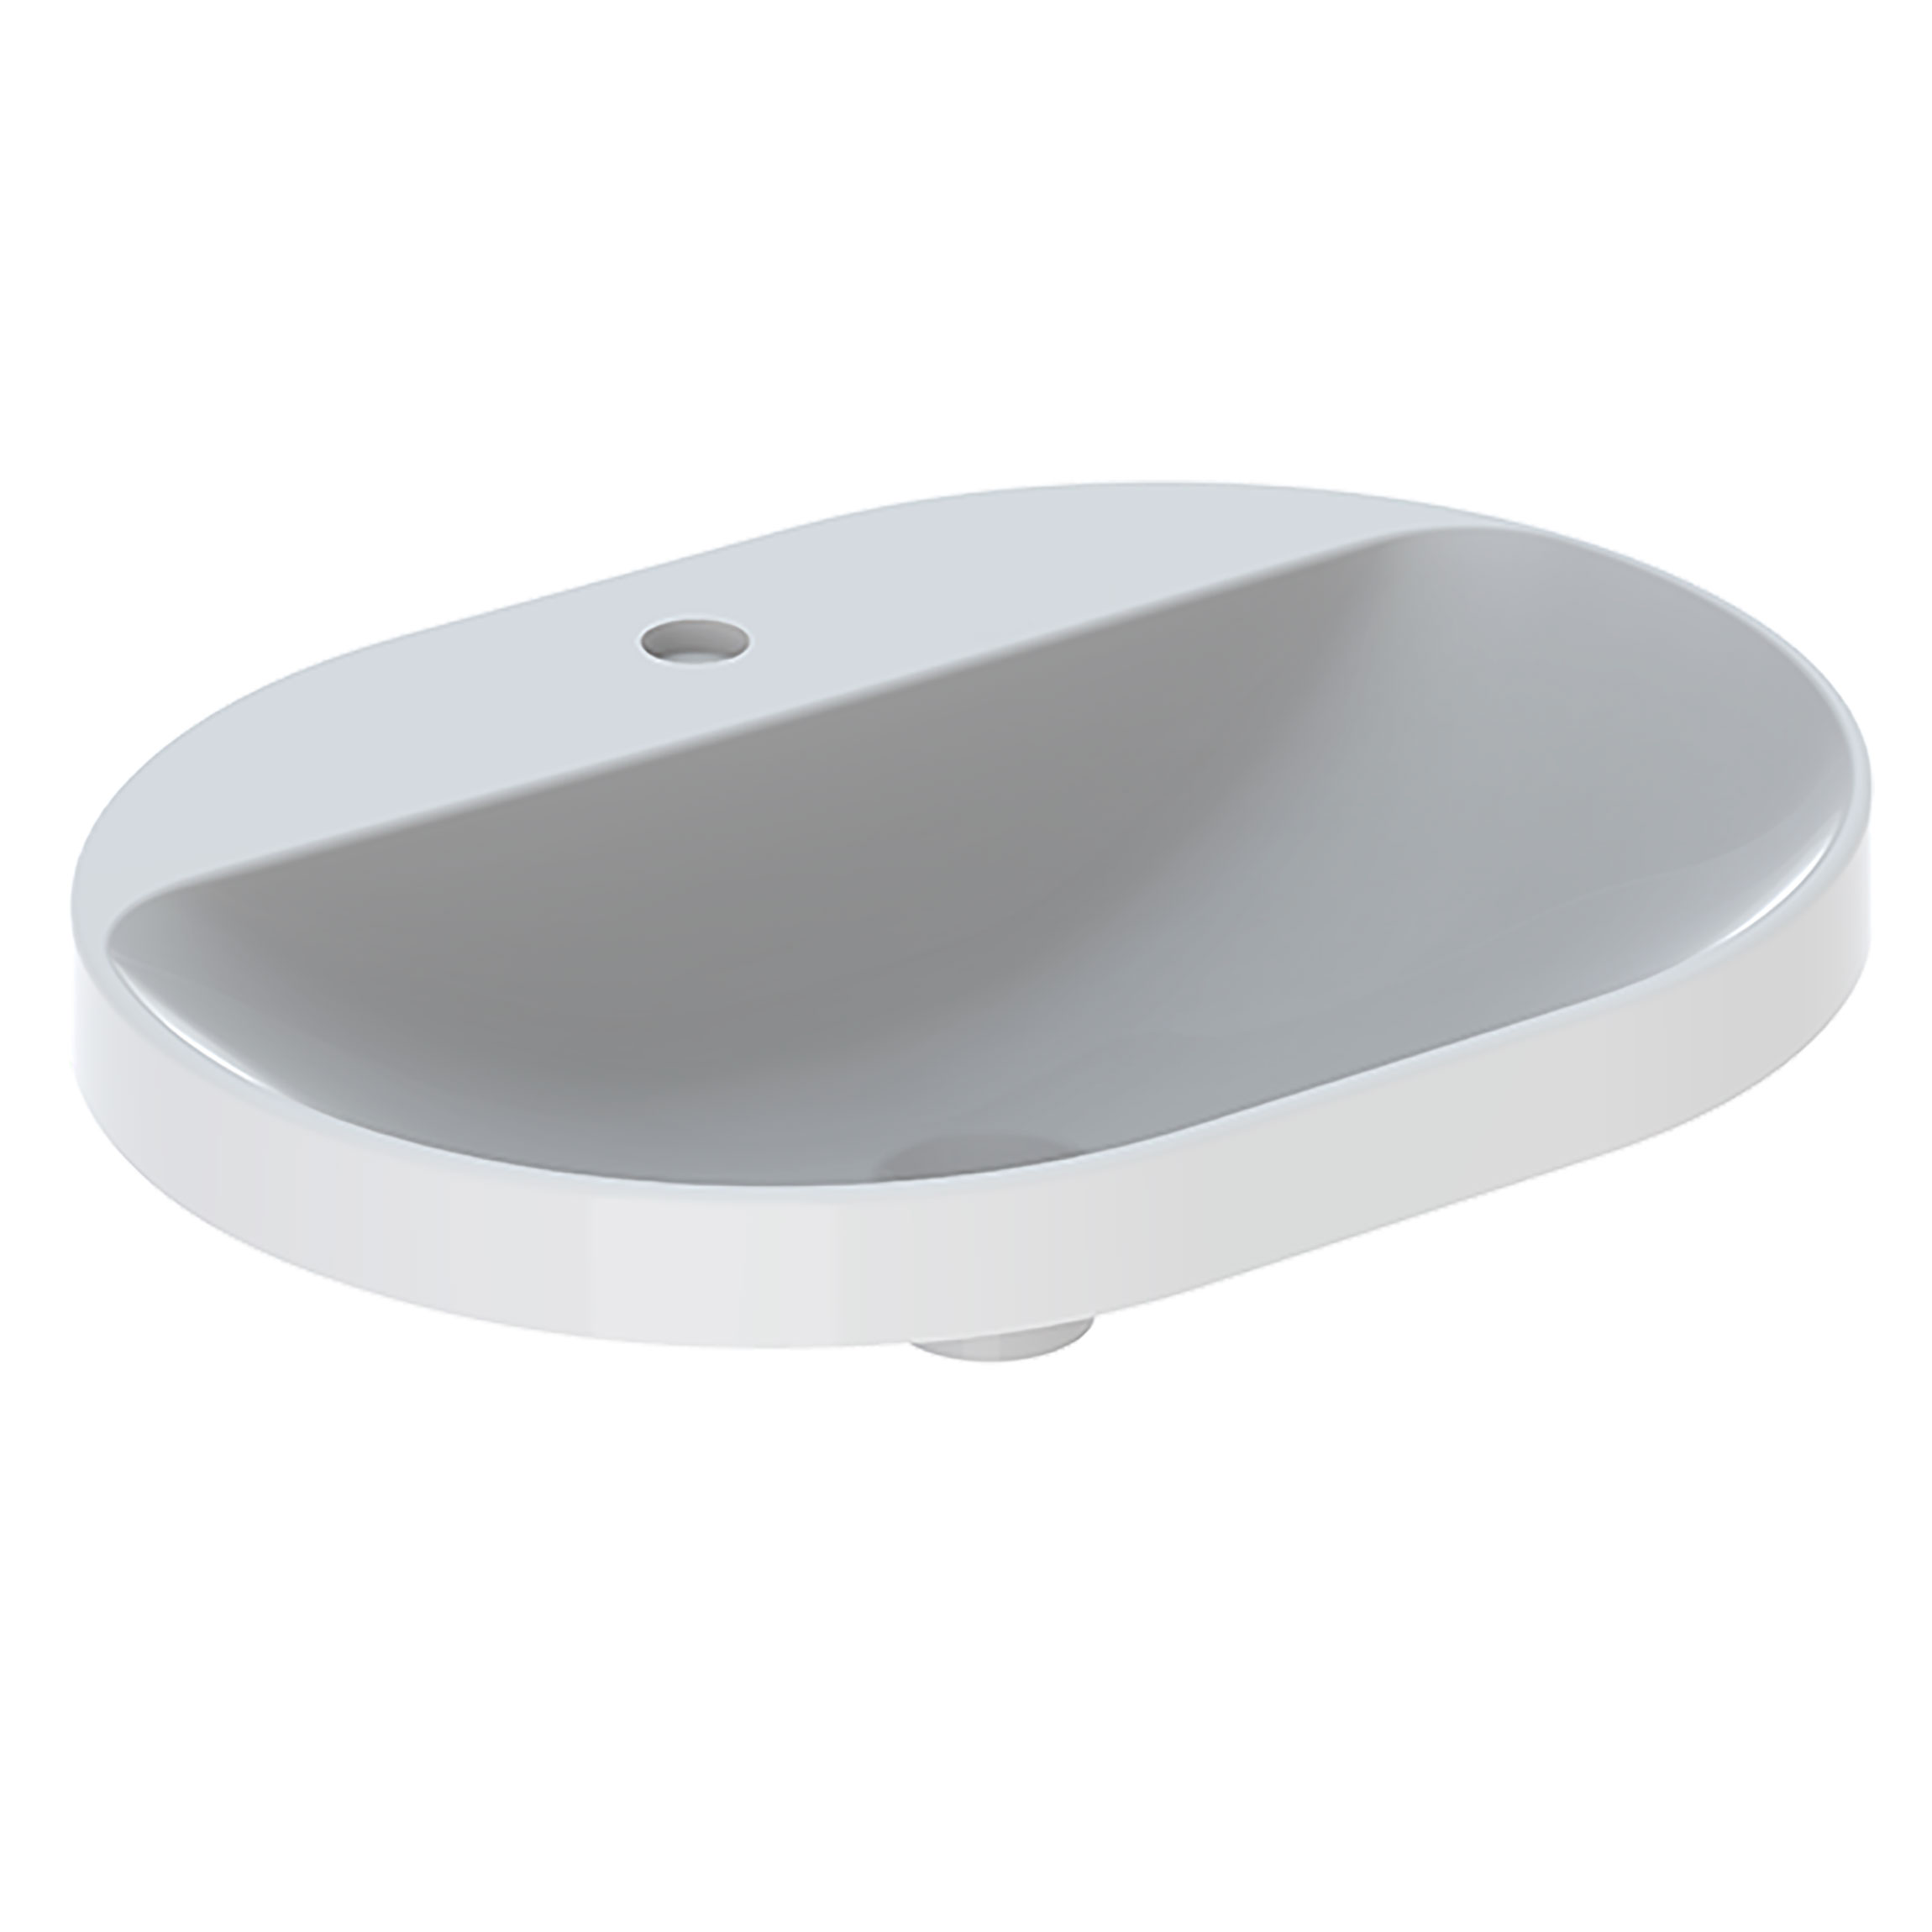 Tvättställ Ifö Variform 600 mm Infälld Elliptiskt Kanthylla